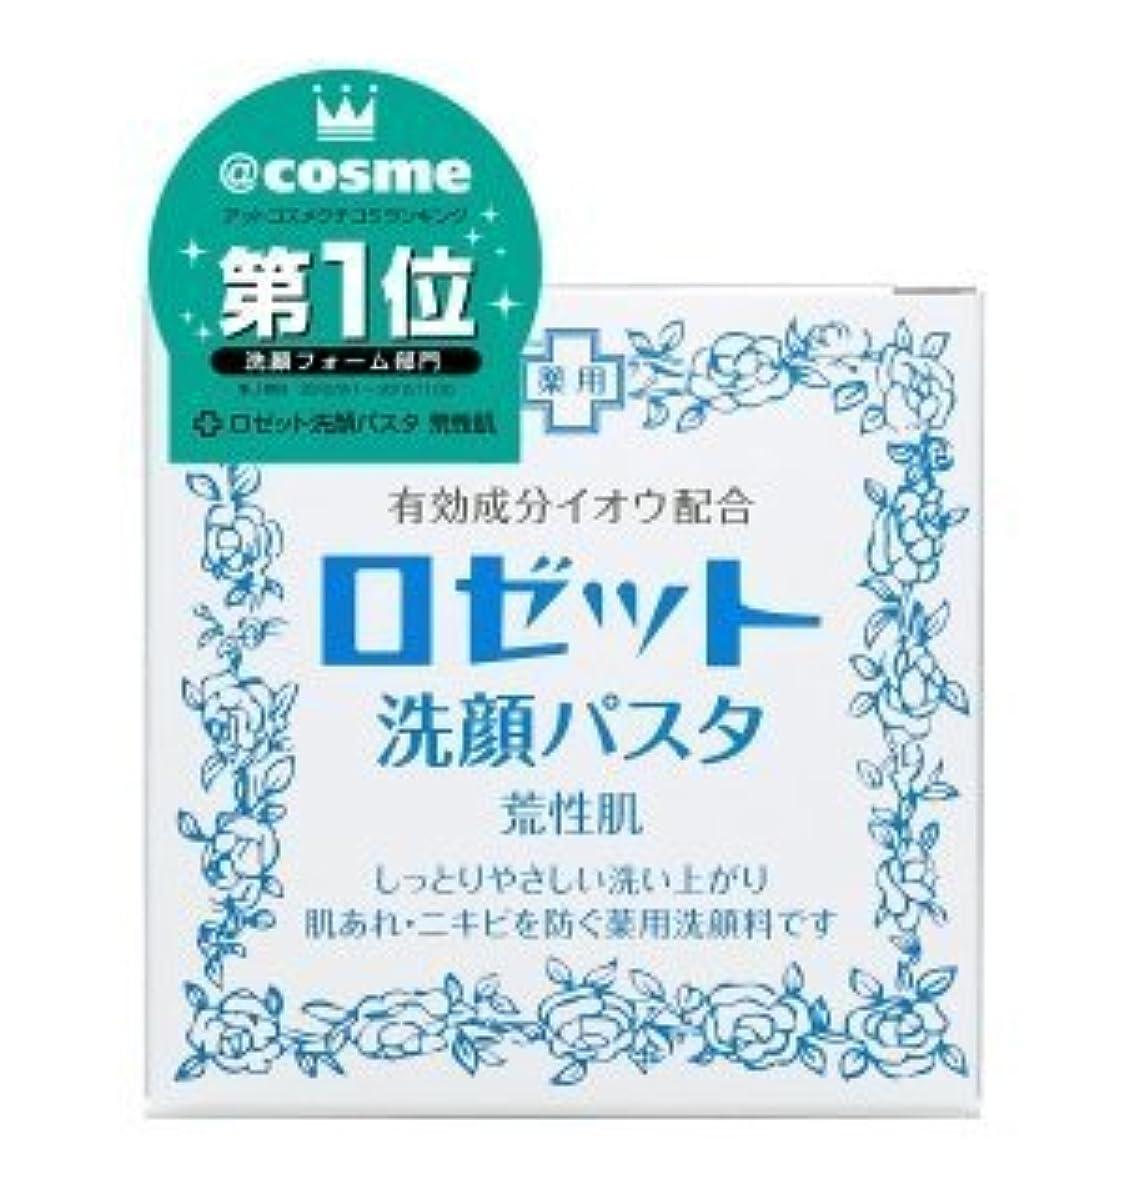 量知り合い野心ロゼット 洗顔パスタ 荒性肌 90g (医薬部外品) × 6個セット